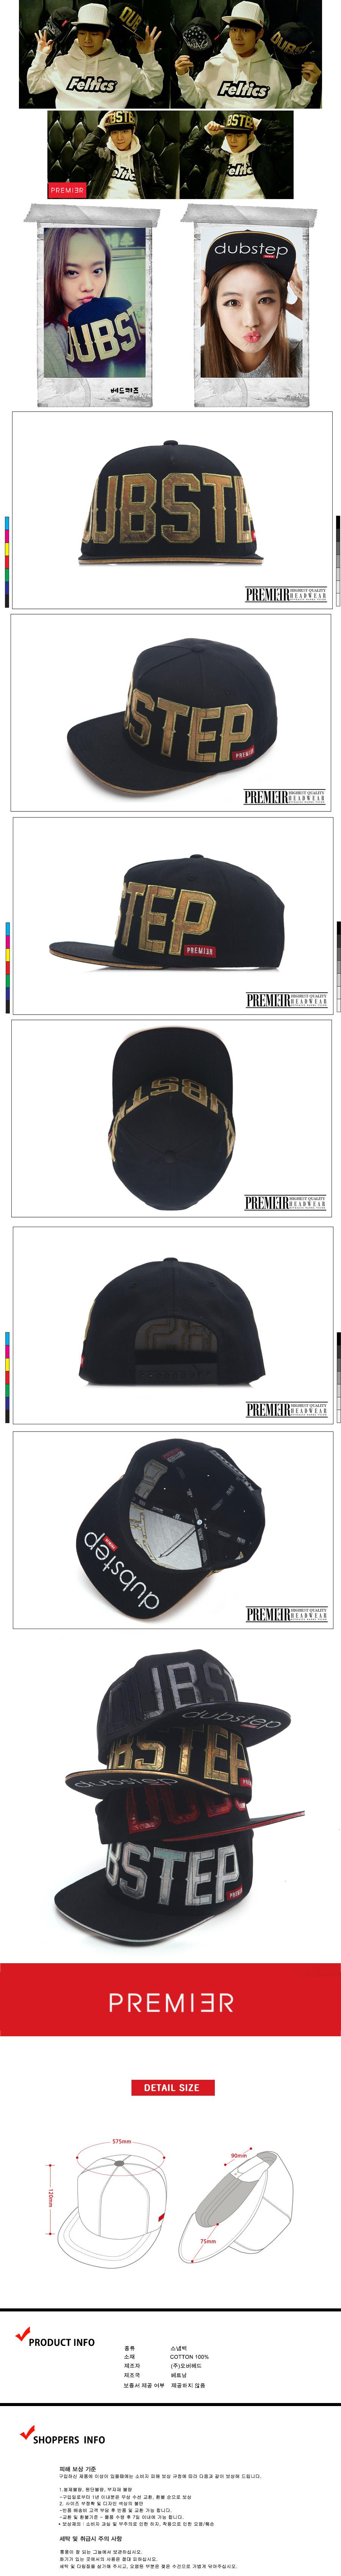 [ PREMIER ] [Premier] Snapback Dubstep Black/Gold